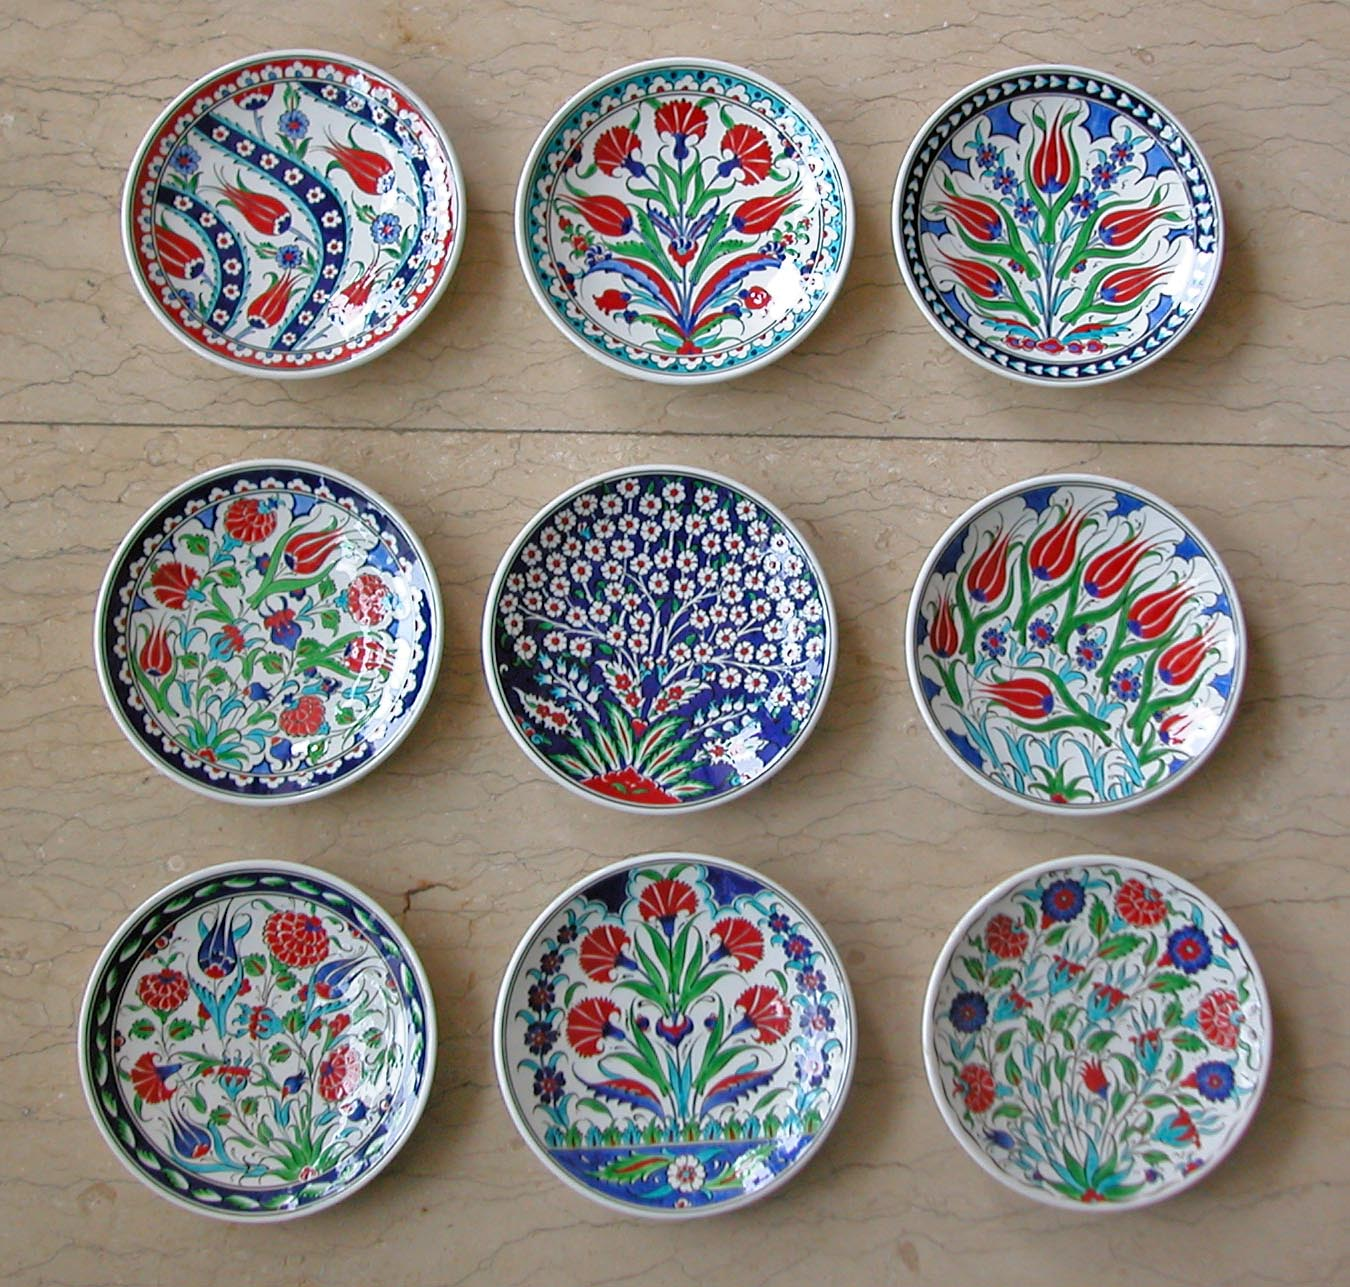 Klasik Çini Tabak Motifleri Duvara Asmalı Dekoratif Tabaklar  Klasik Desen Samur Fırça iznik ve Kütahya çini Tabak El Yapımı Çini Tabak Geleneksel Desenli Çini sanatı örnekleri